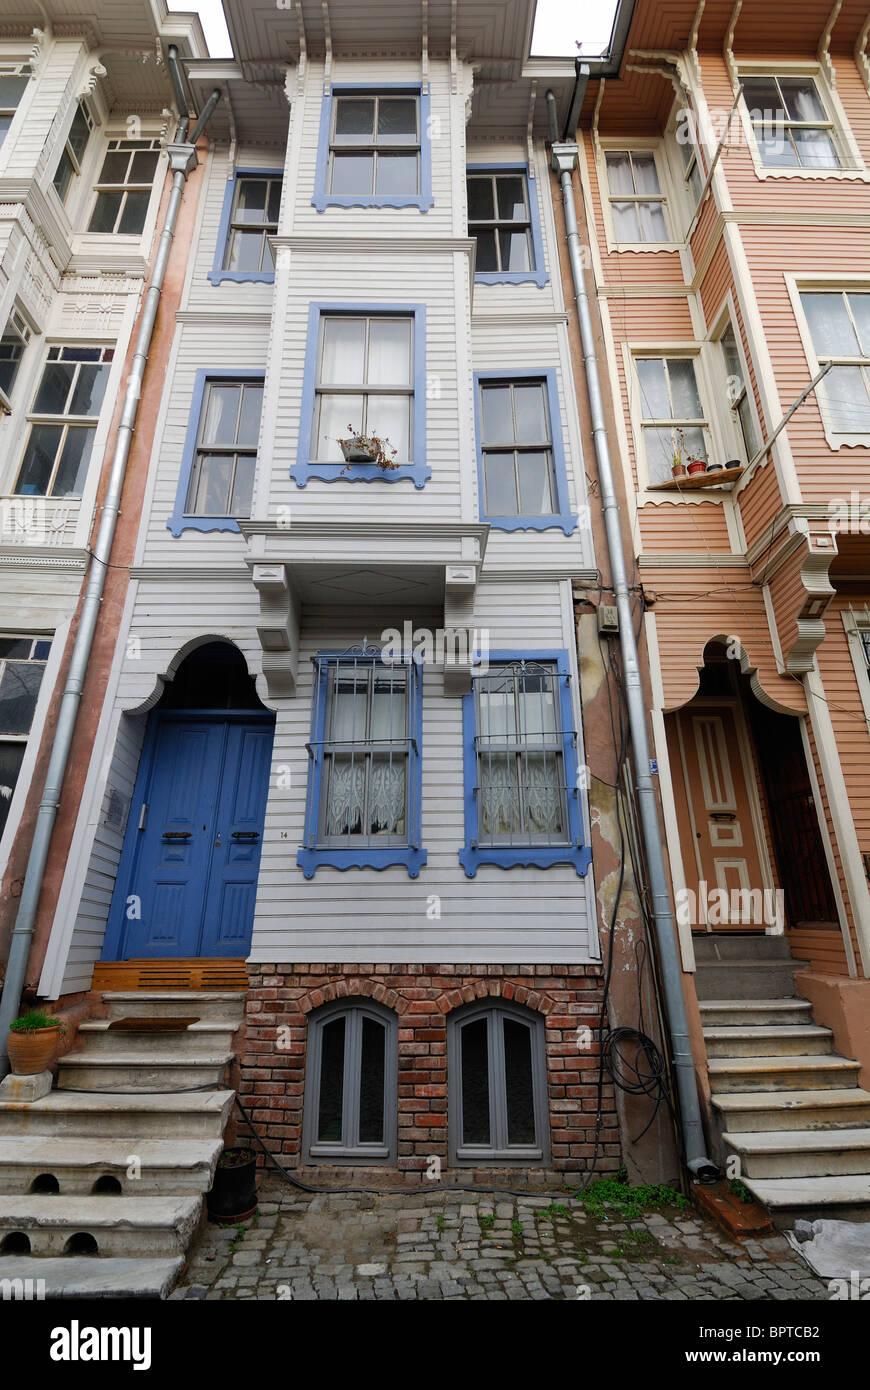 Estambul. Turquía. Era otomana tradicionales edificios de madera en el distrito de Suleymaniye. Imagen De Stock